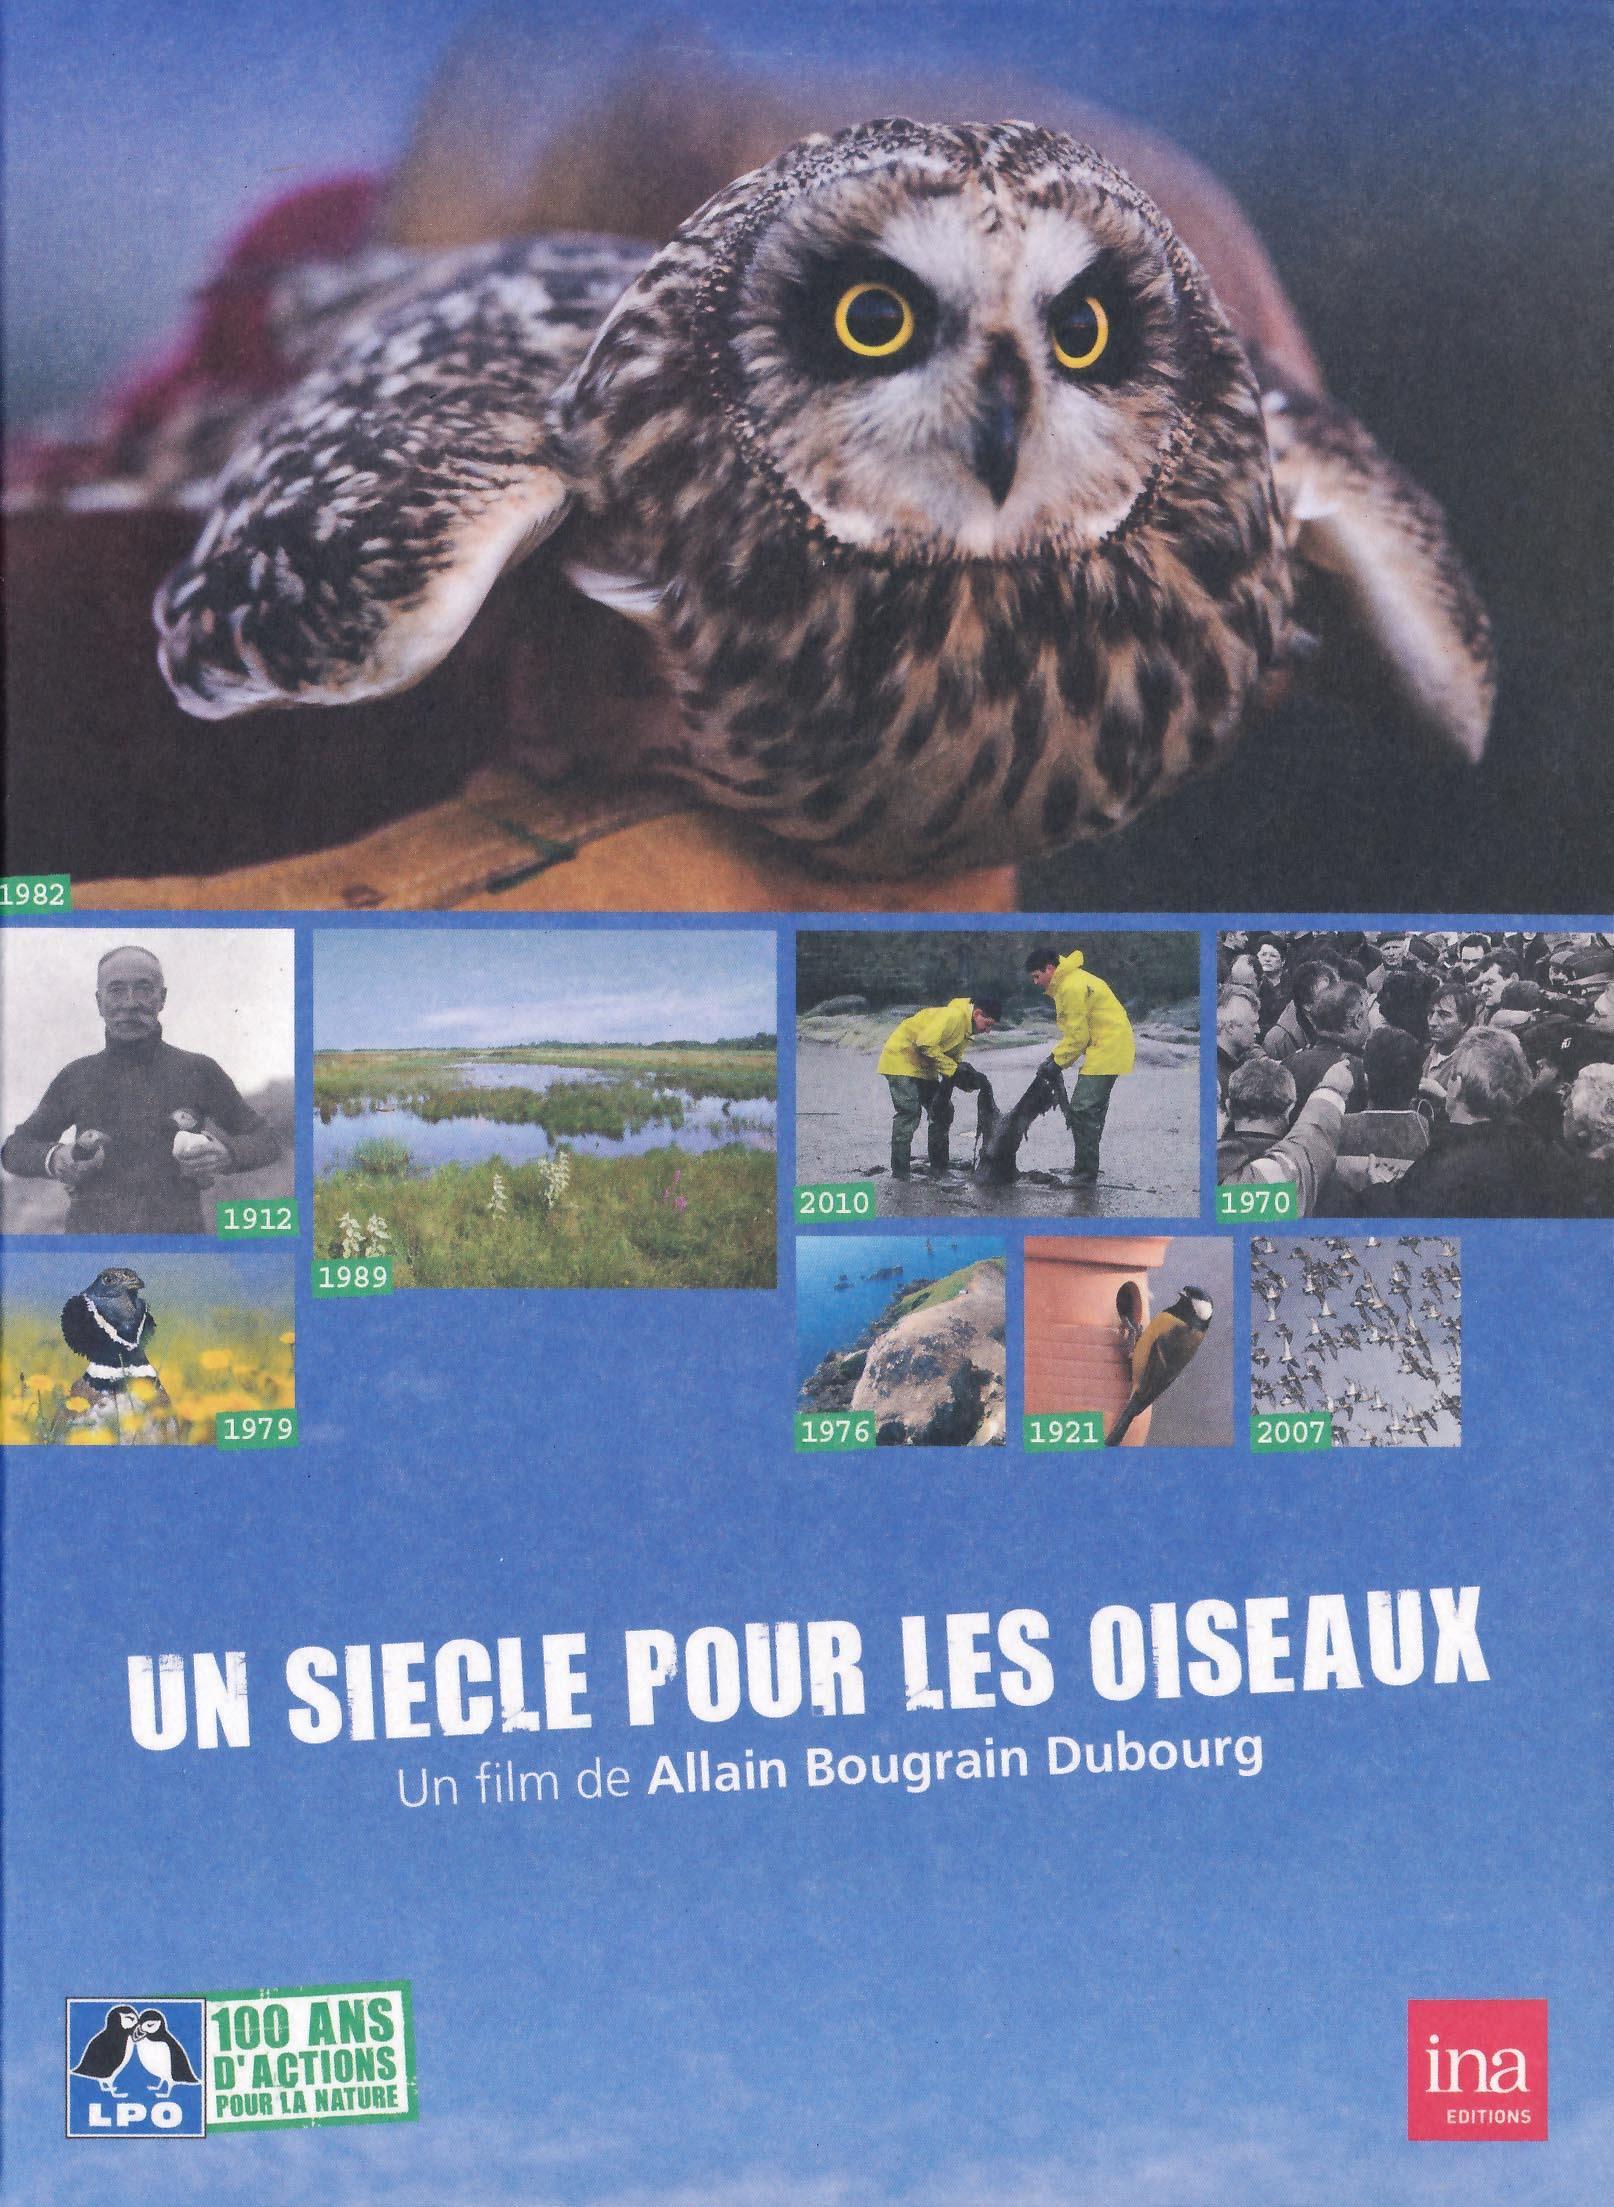 Un siecle pour les oiseaux-dvd